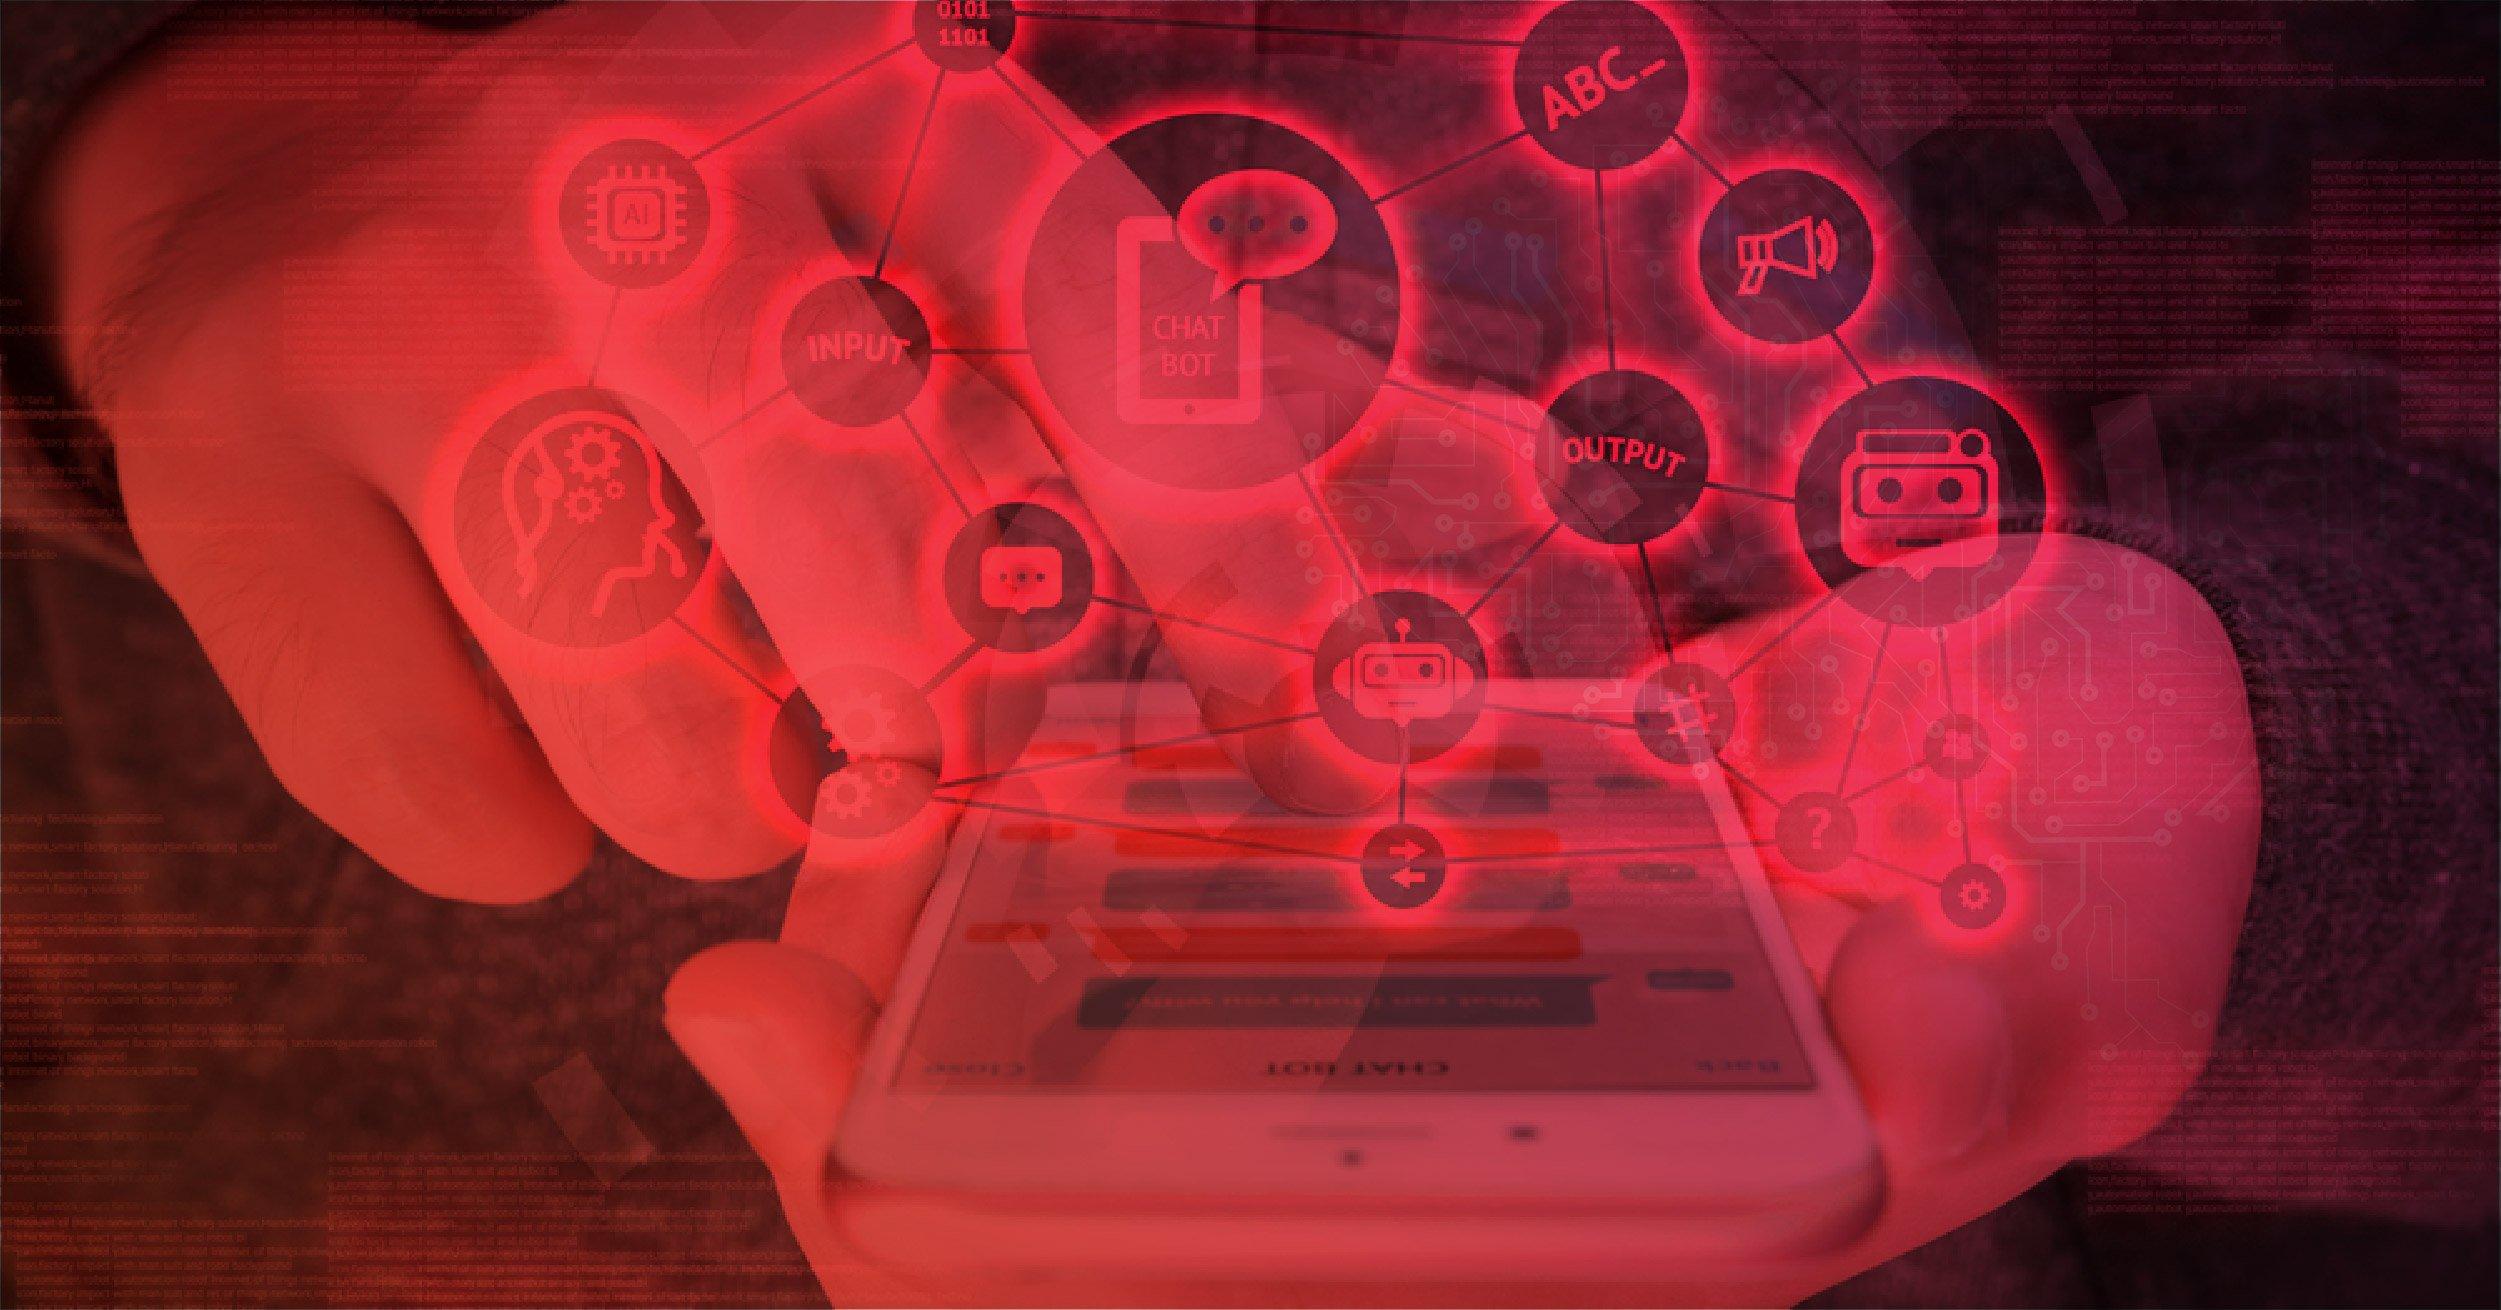 Mãos interagindo com chatbot AI no celular